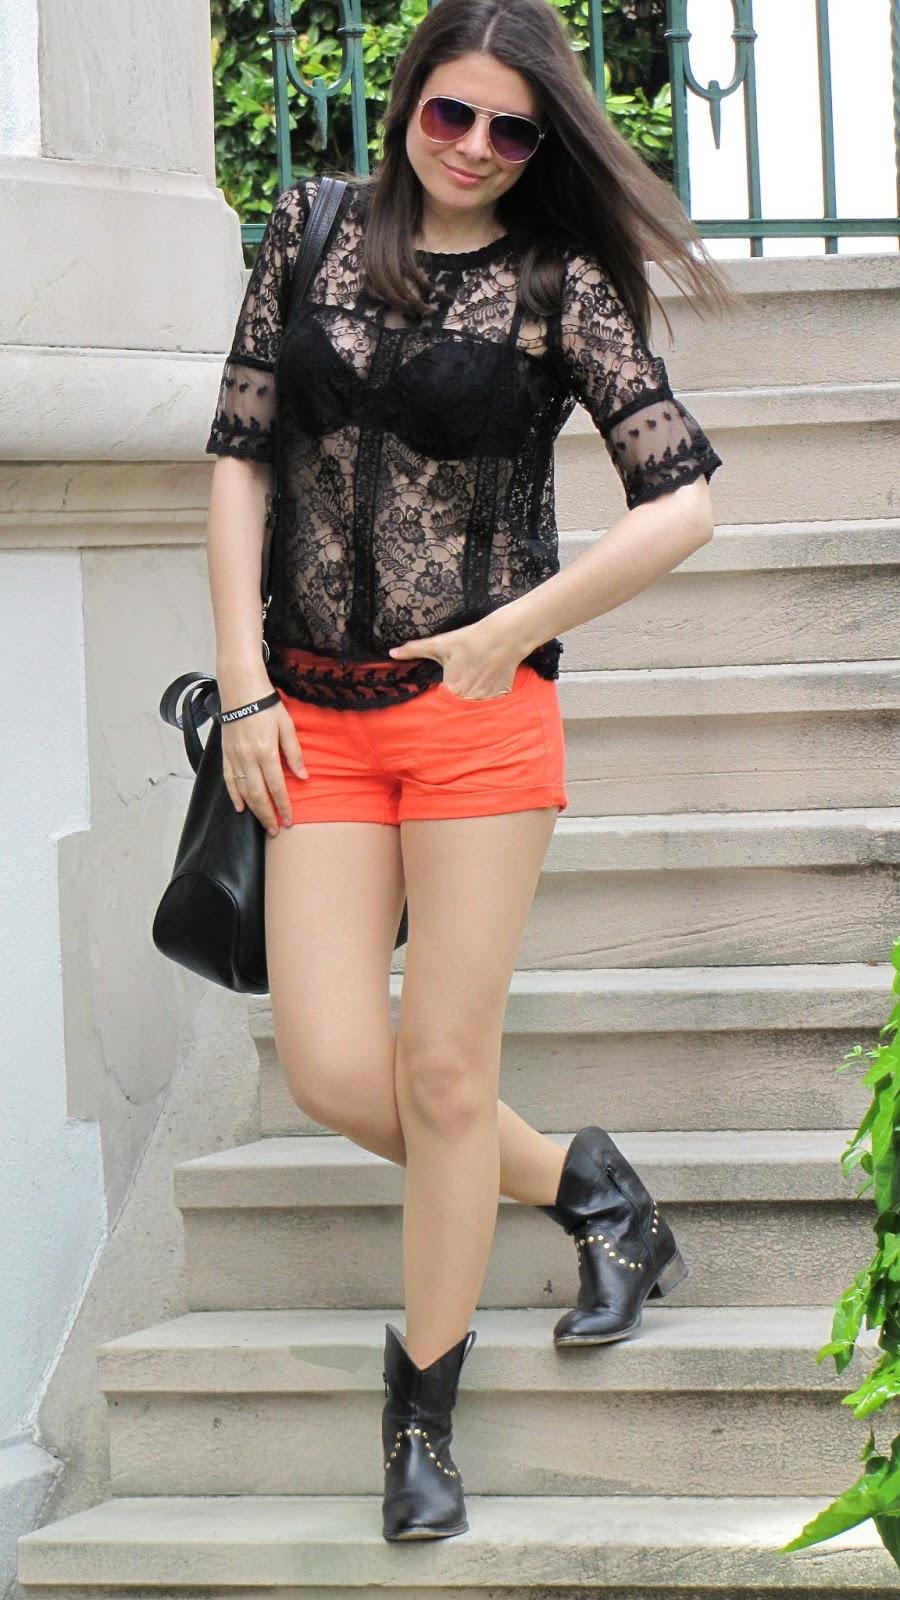 lace top, black lace blouse, orange shorts